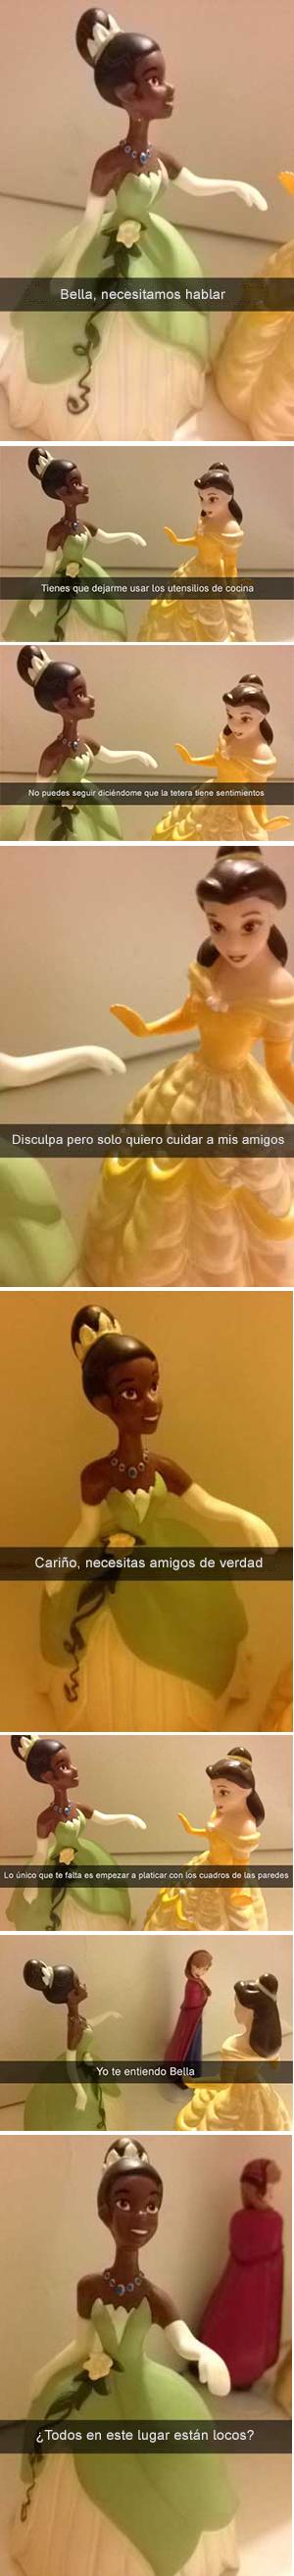 Historia snapchat, conversación Bella y Tiana